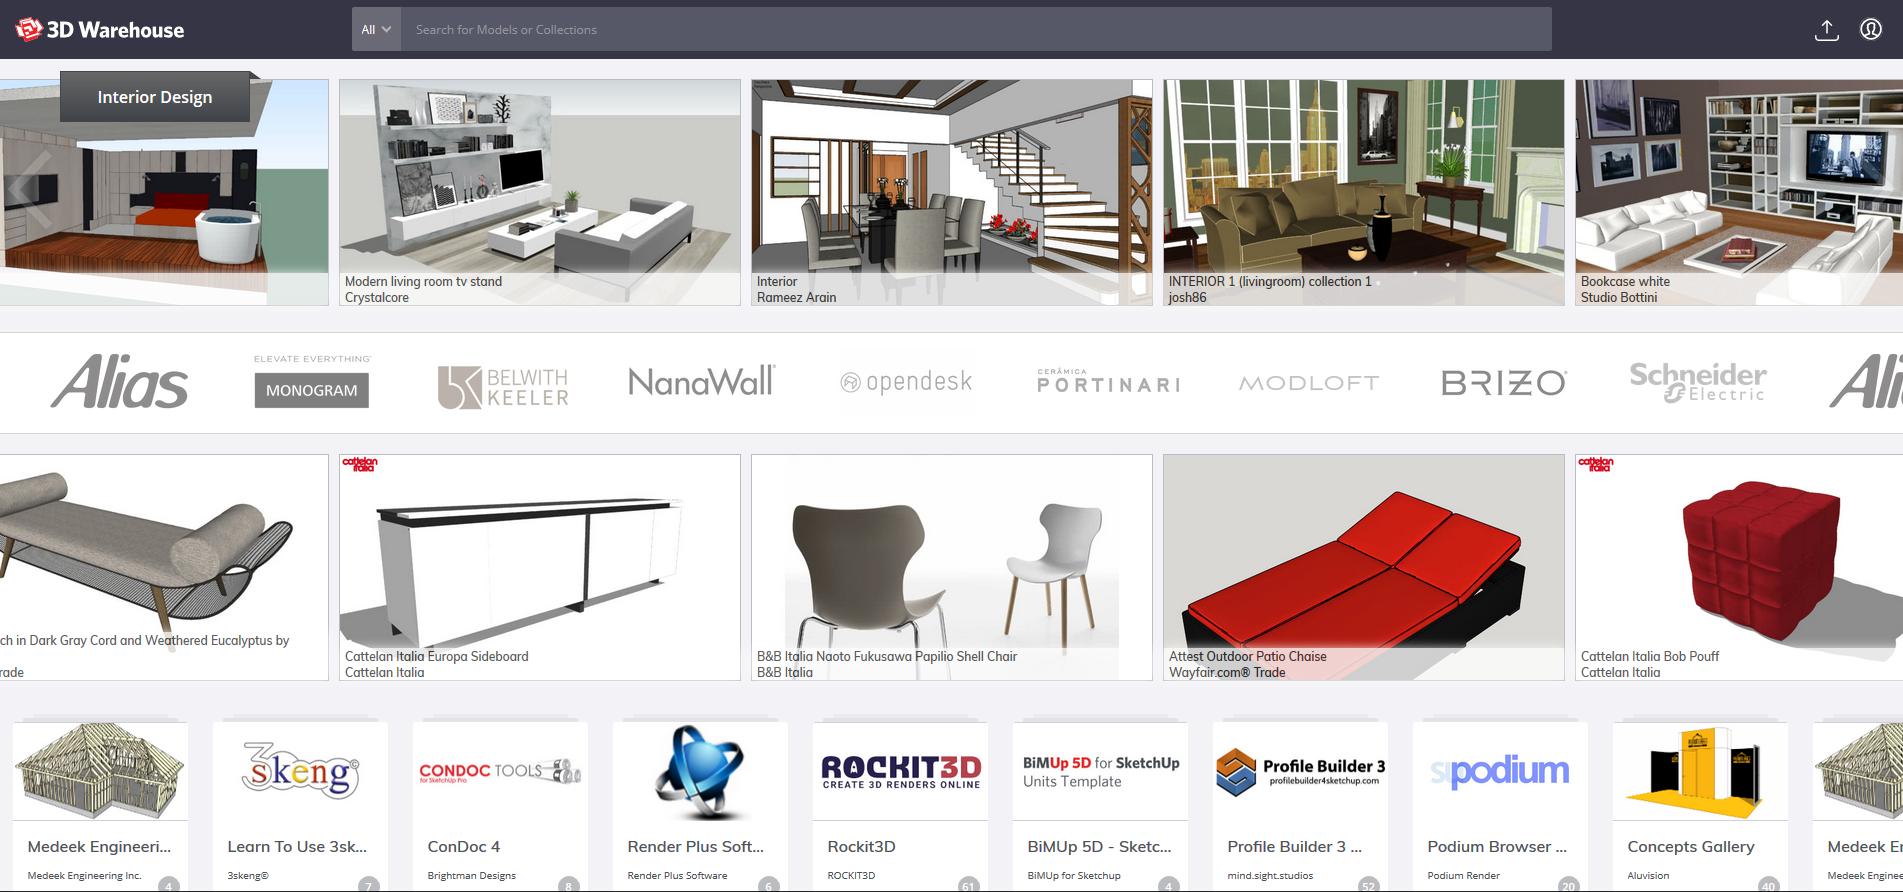 3D Warehouse – Trimble announces Changes trimble 3D Warehouse